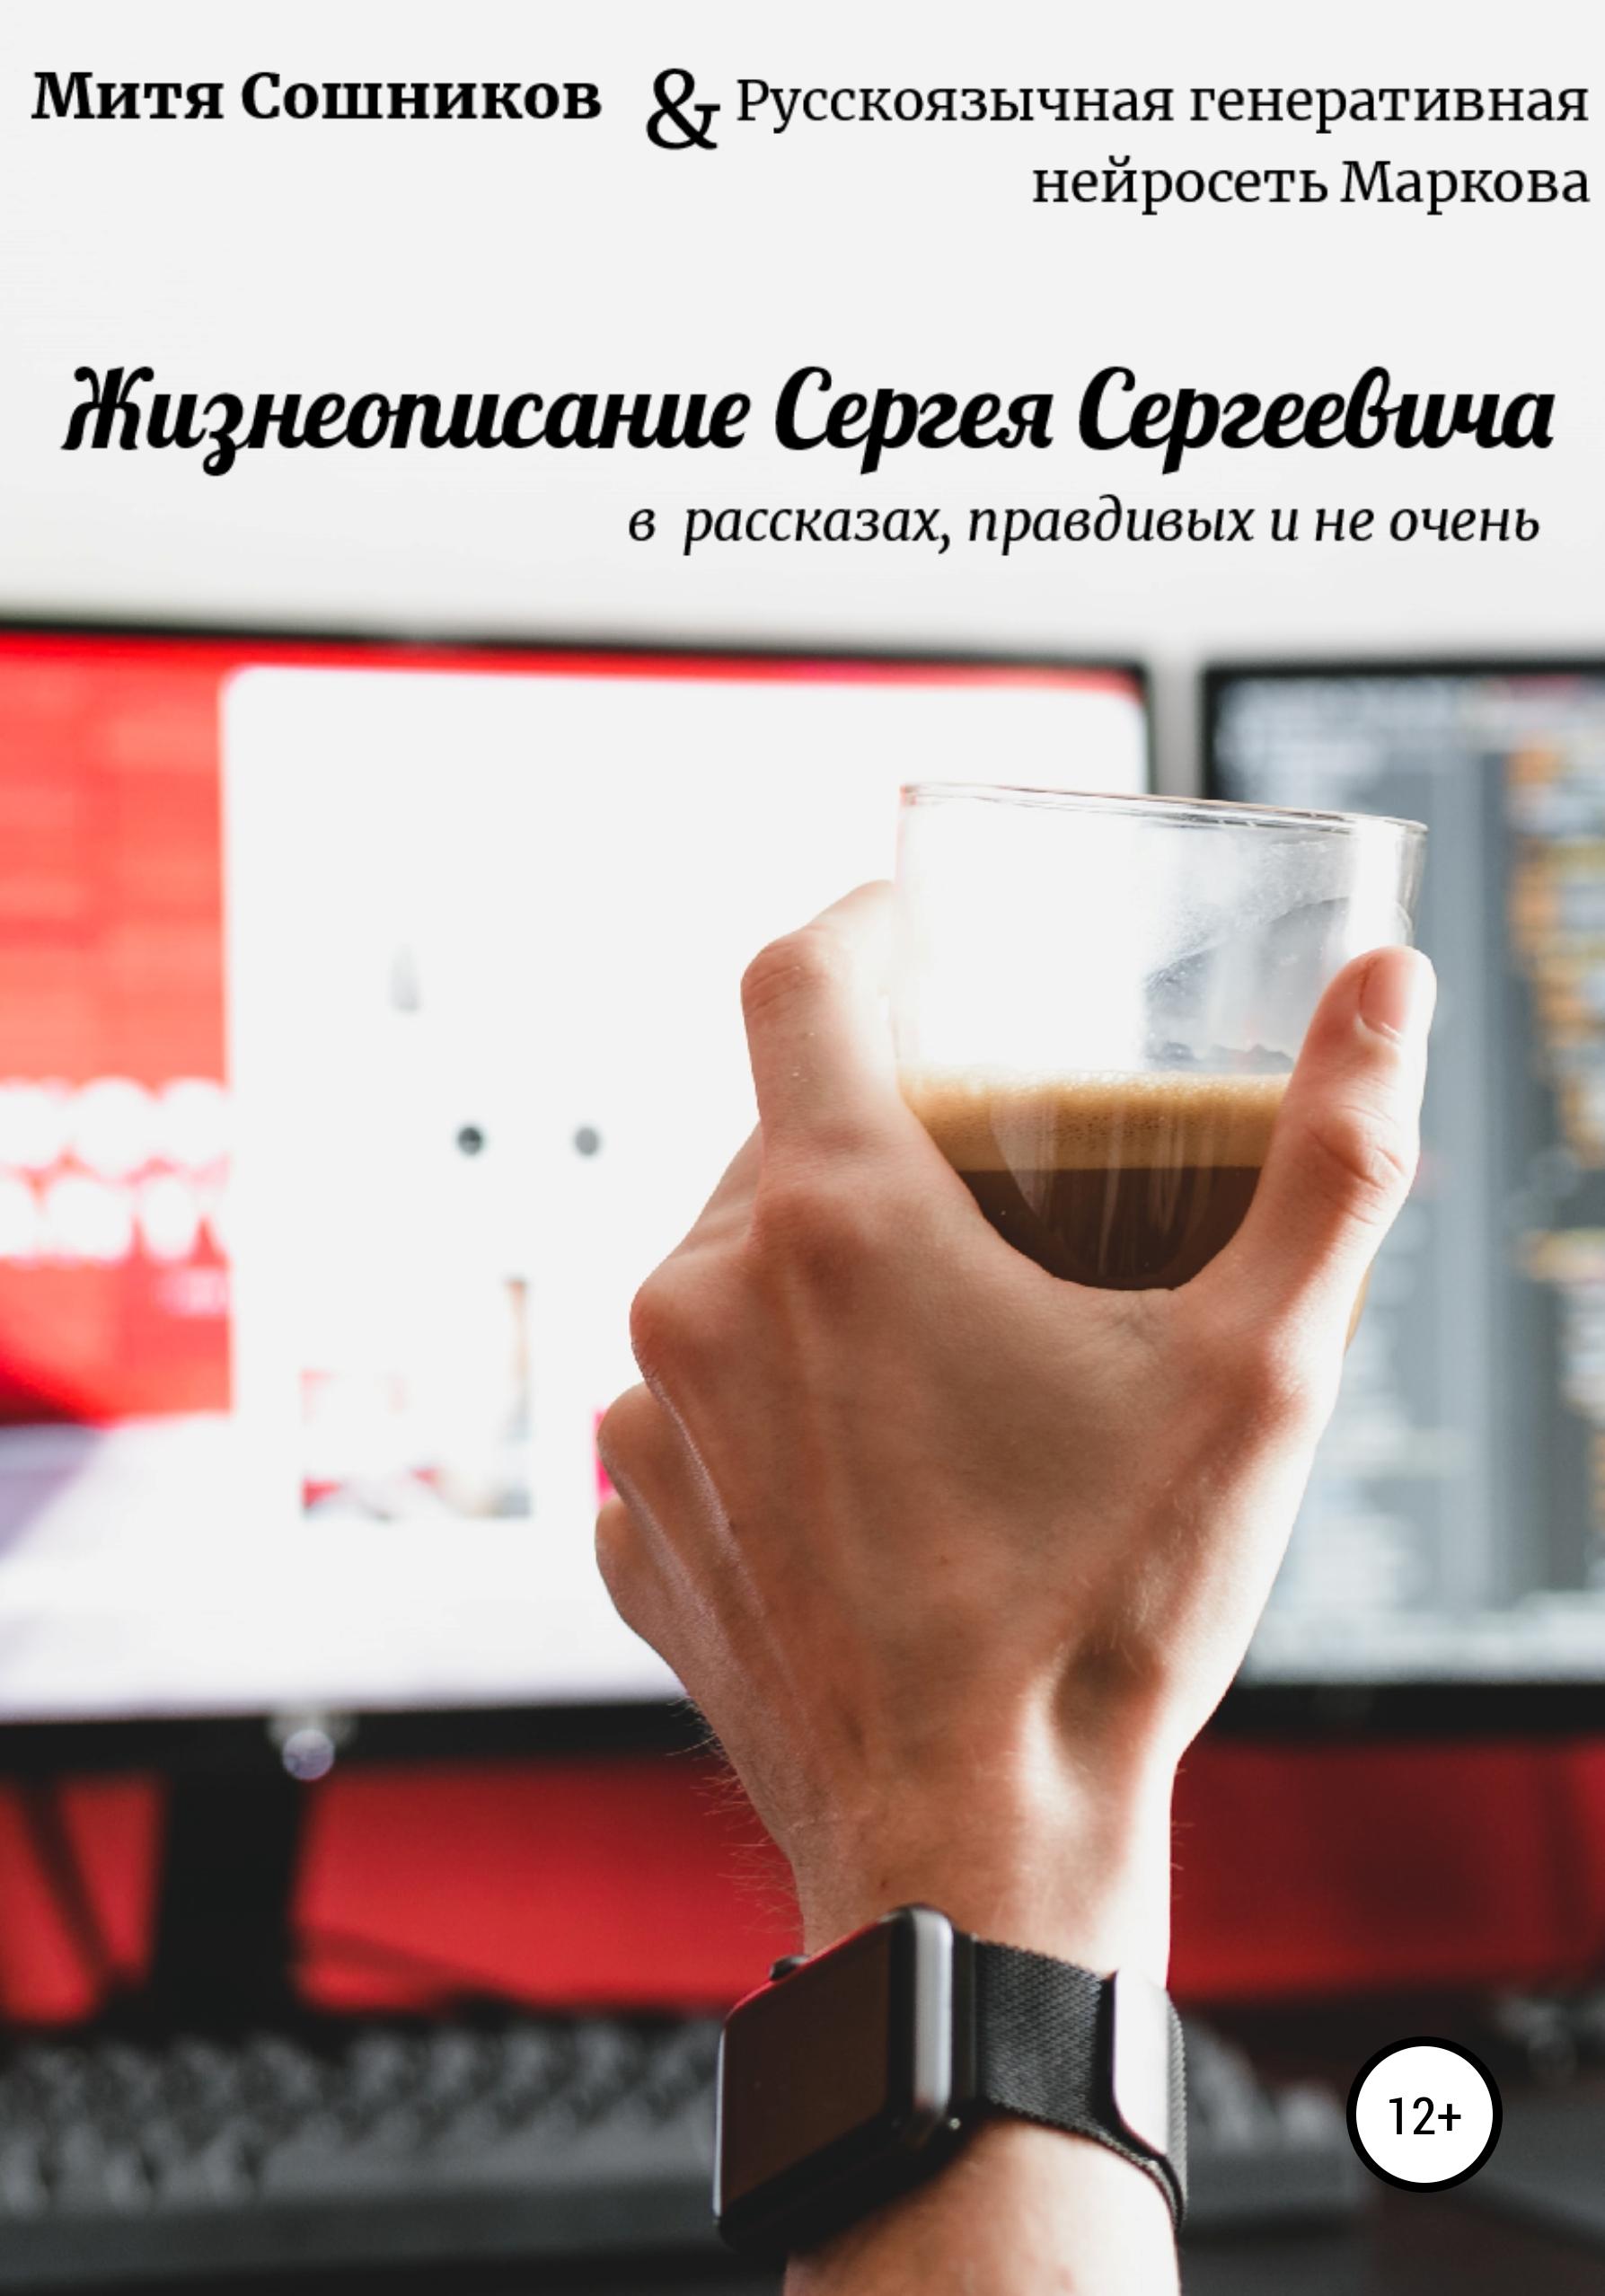 Жизнеописание Сергея Сергеевича в нейросетевых рассказах, правдивых и не очень